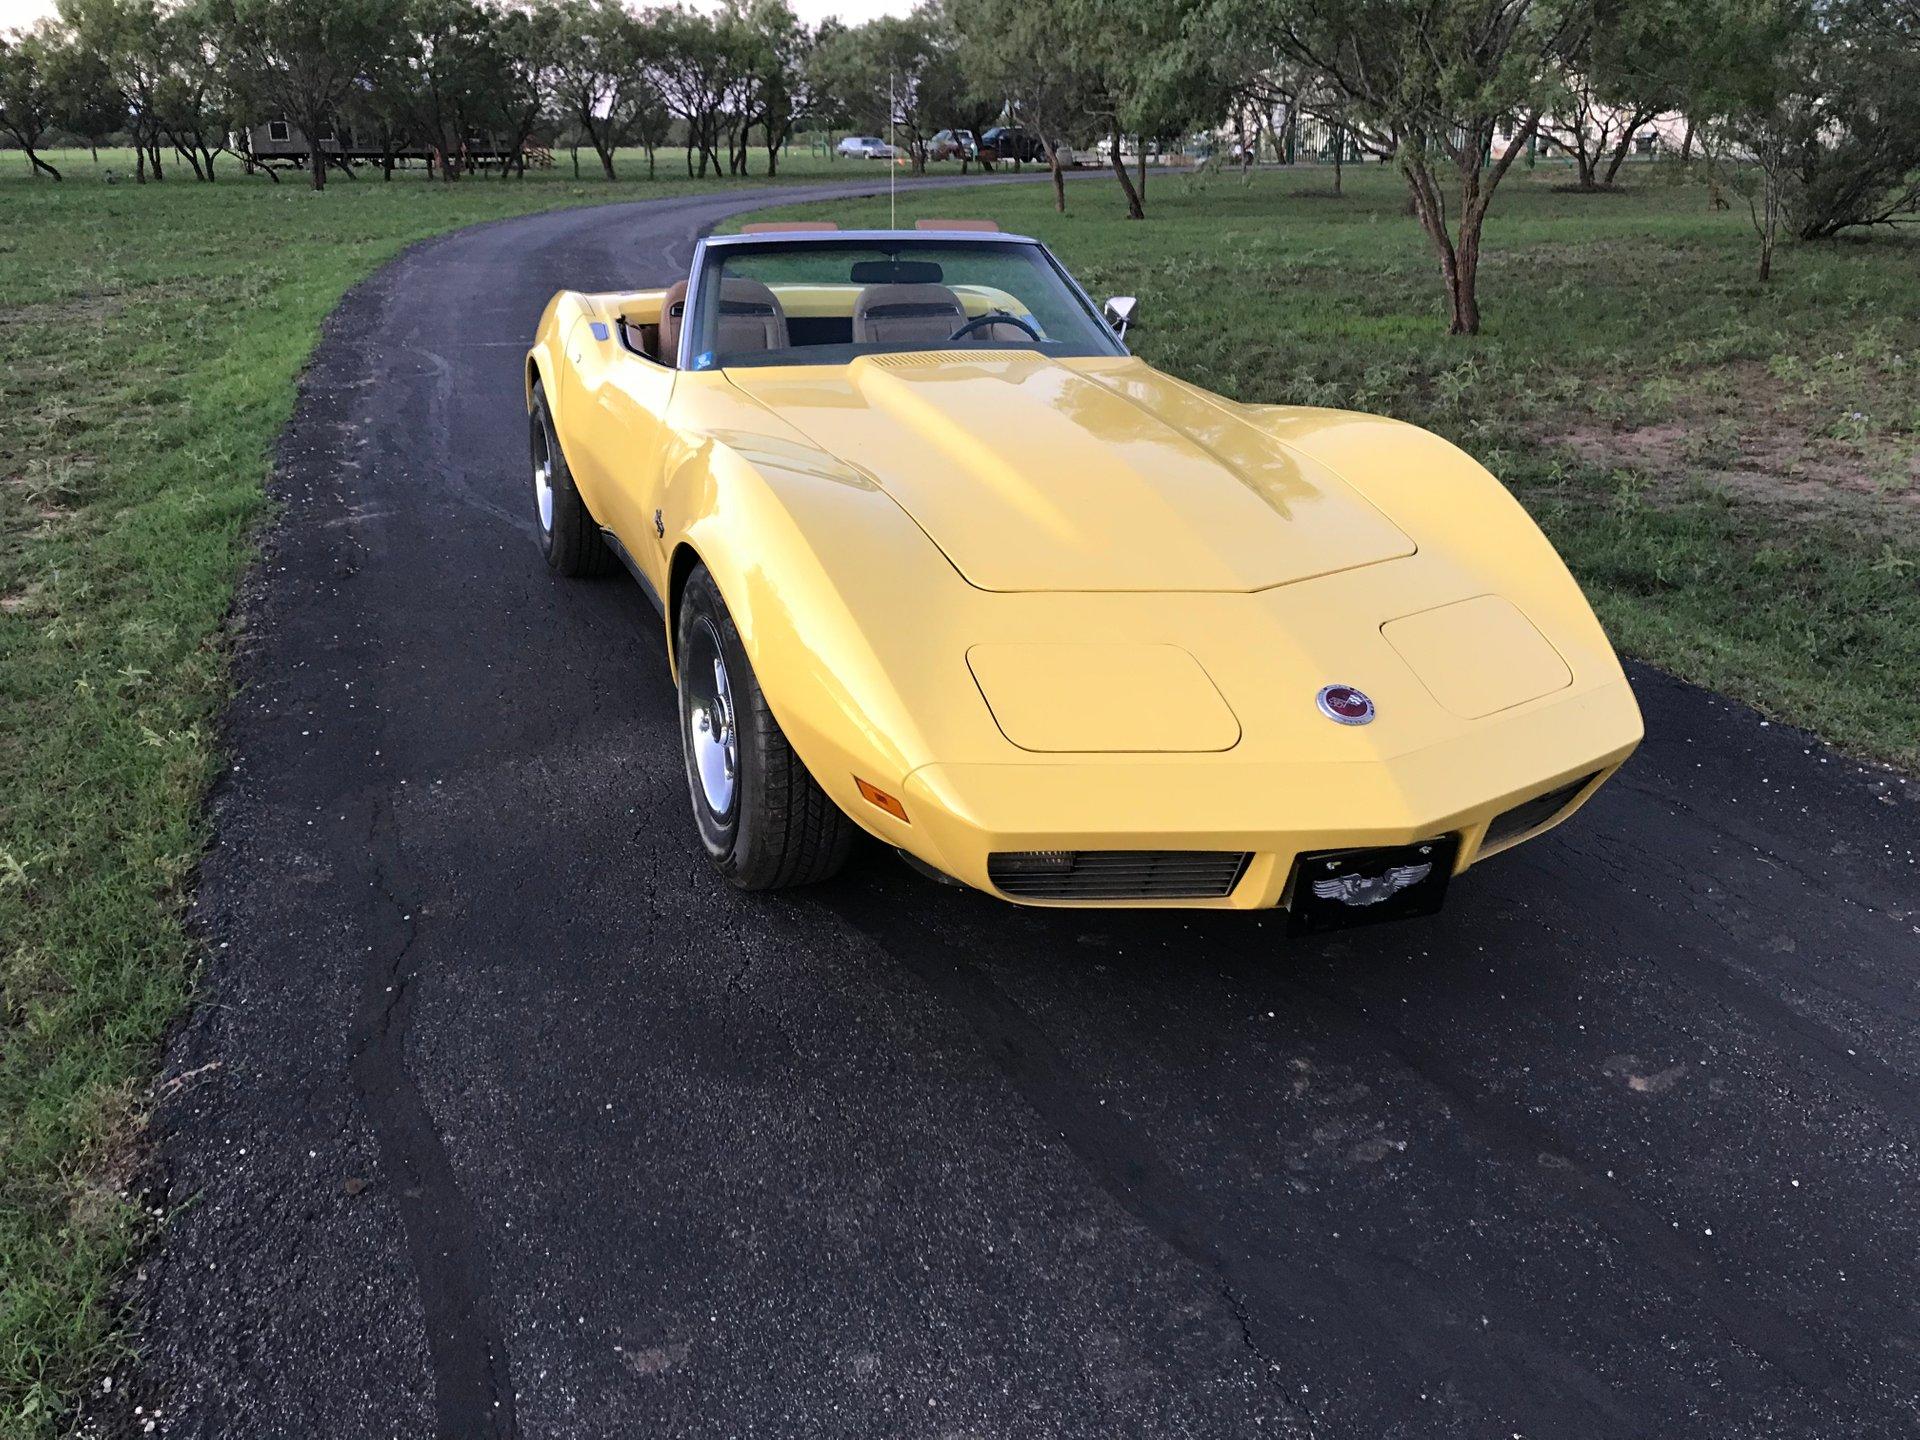 1974 Chevrolet Corvette | Street Dreams